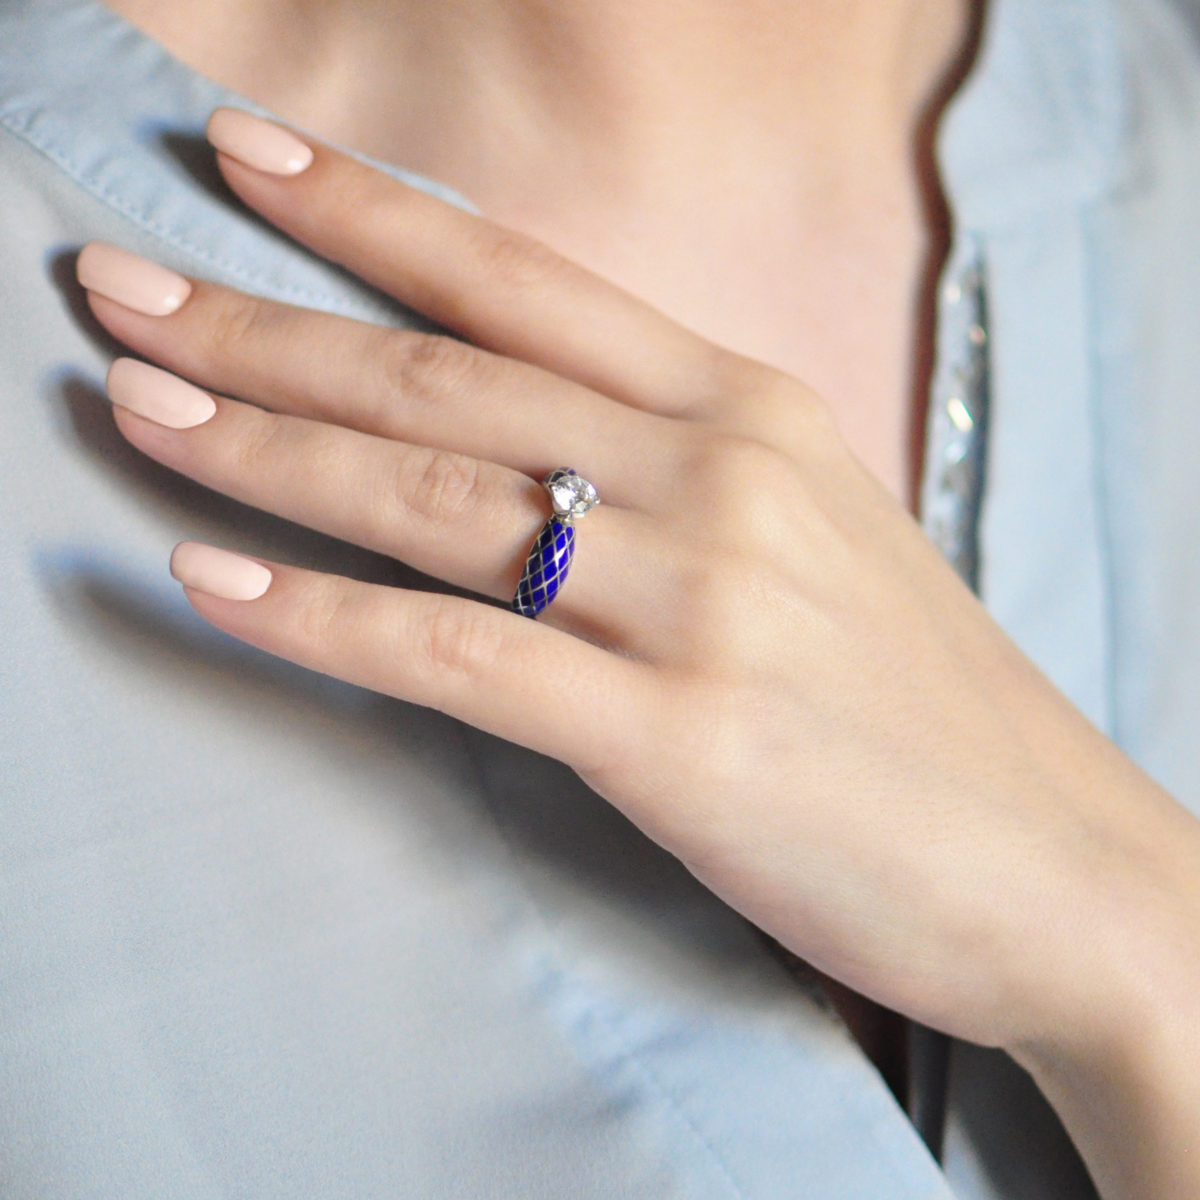 Serebro sinyaya 21 1200x1200 - Кольцо серебряное «Сердце», синее с фианитами